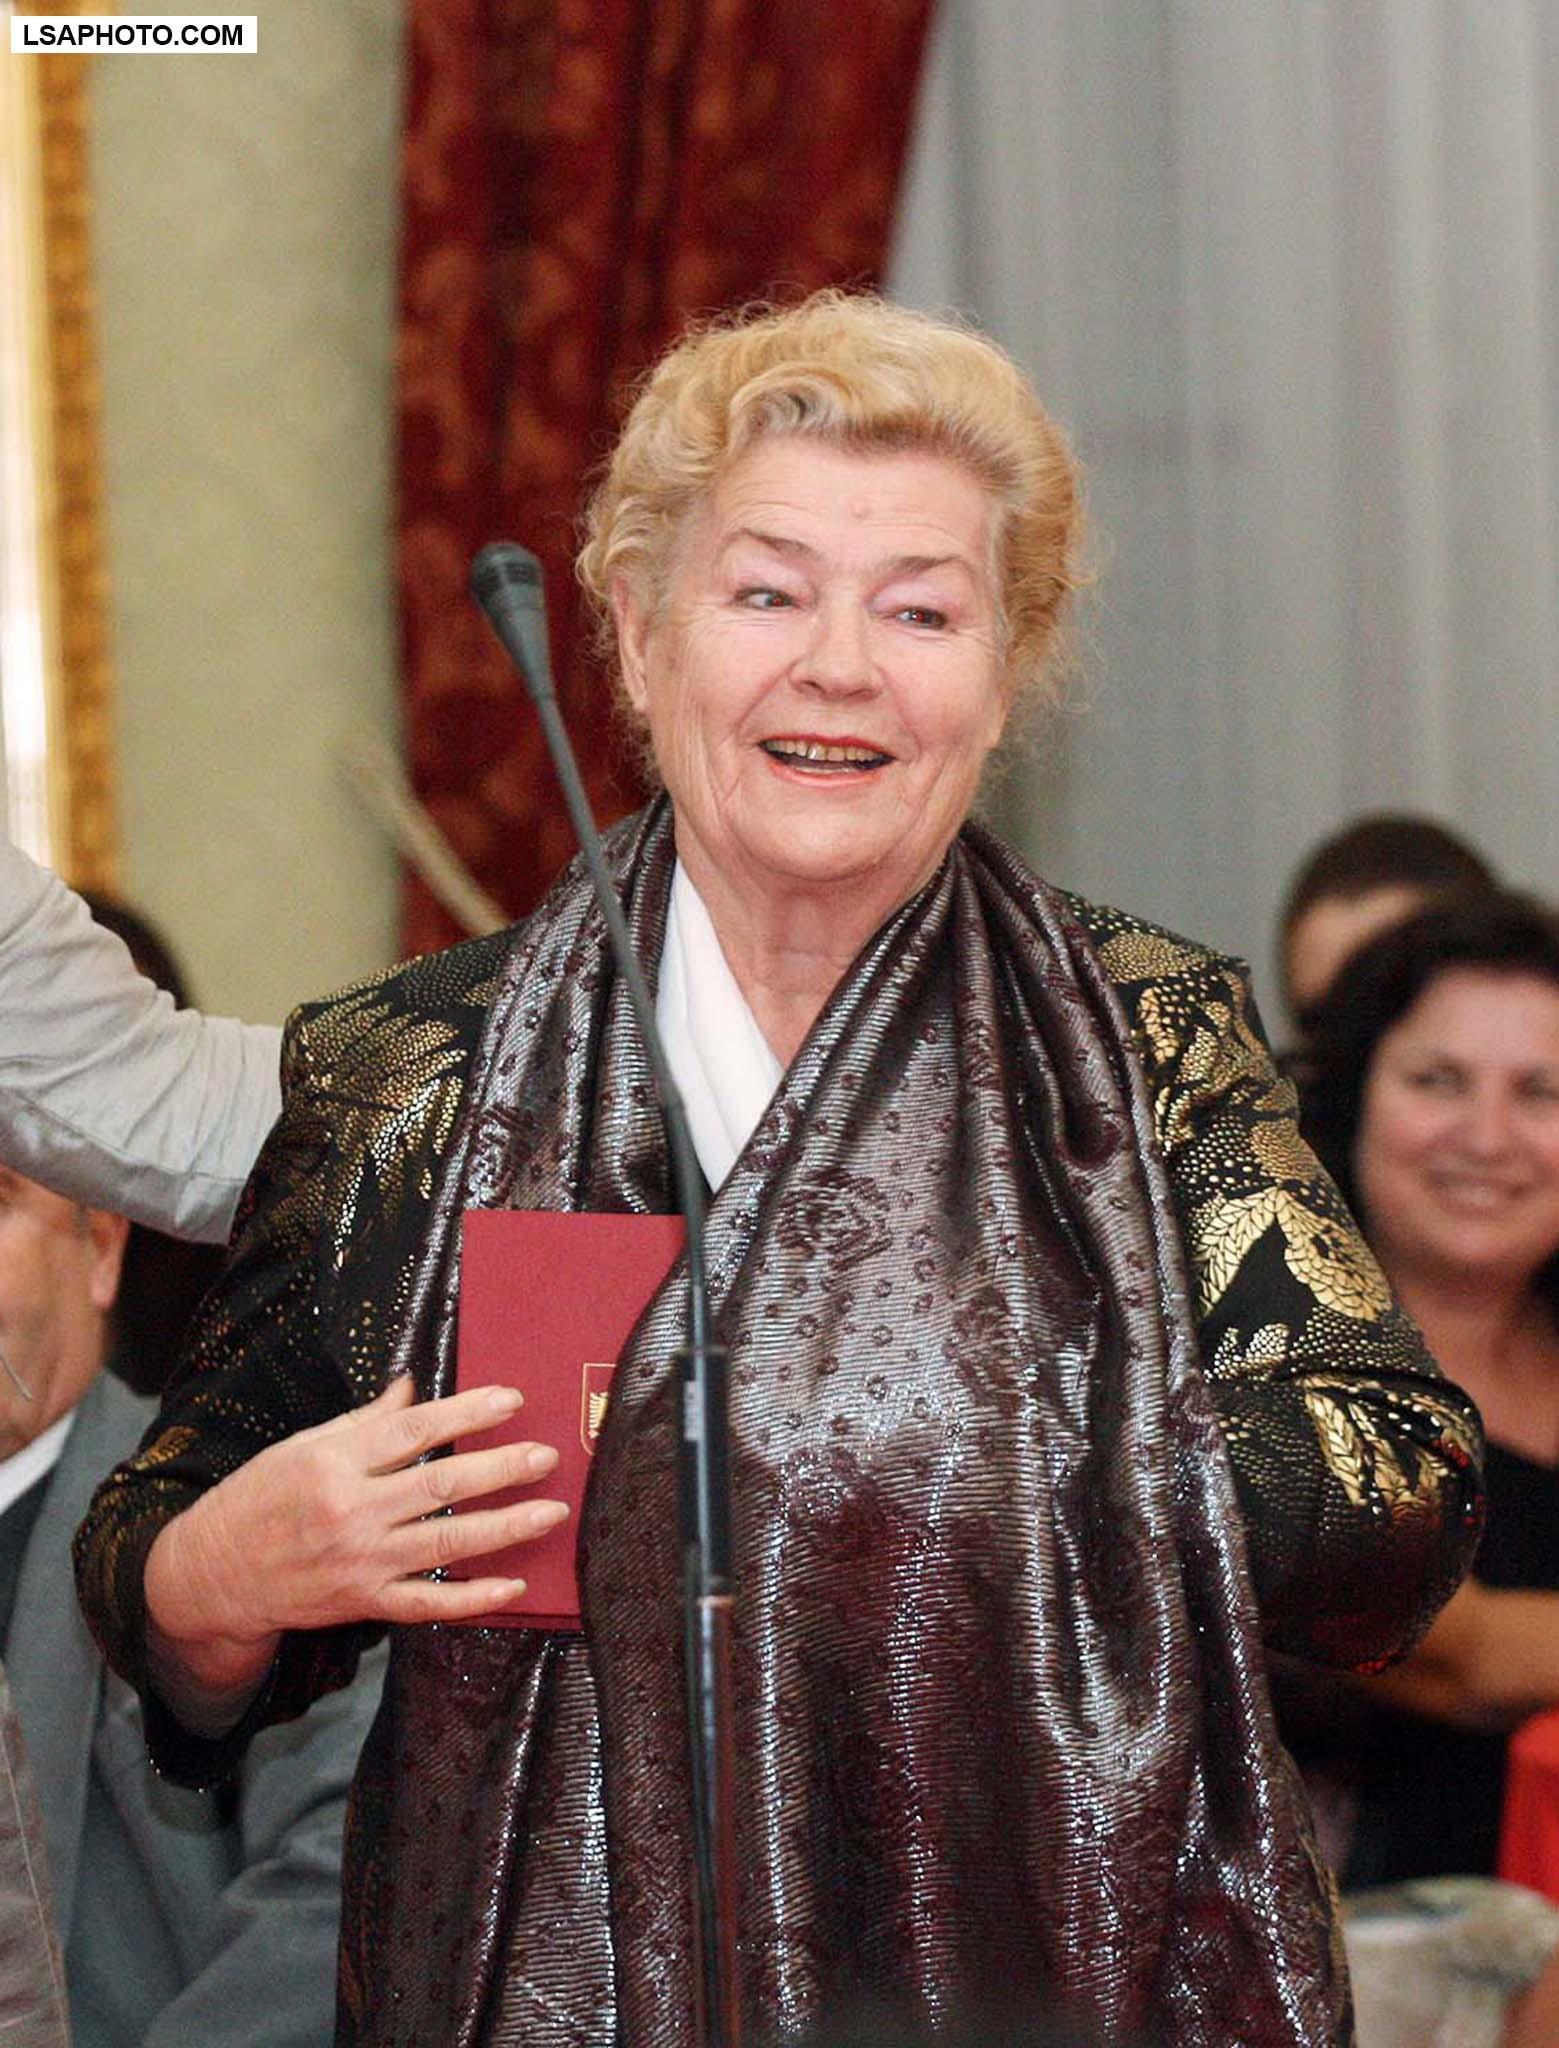 Margarita Xhepa: Dua të më iki shpirti bashkë me pasionin për skenën